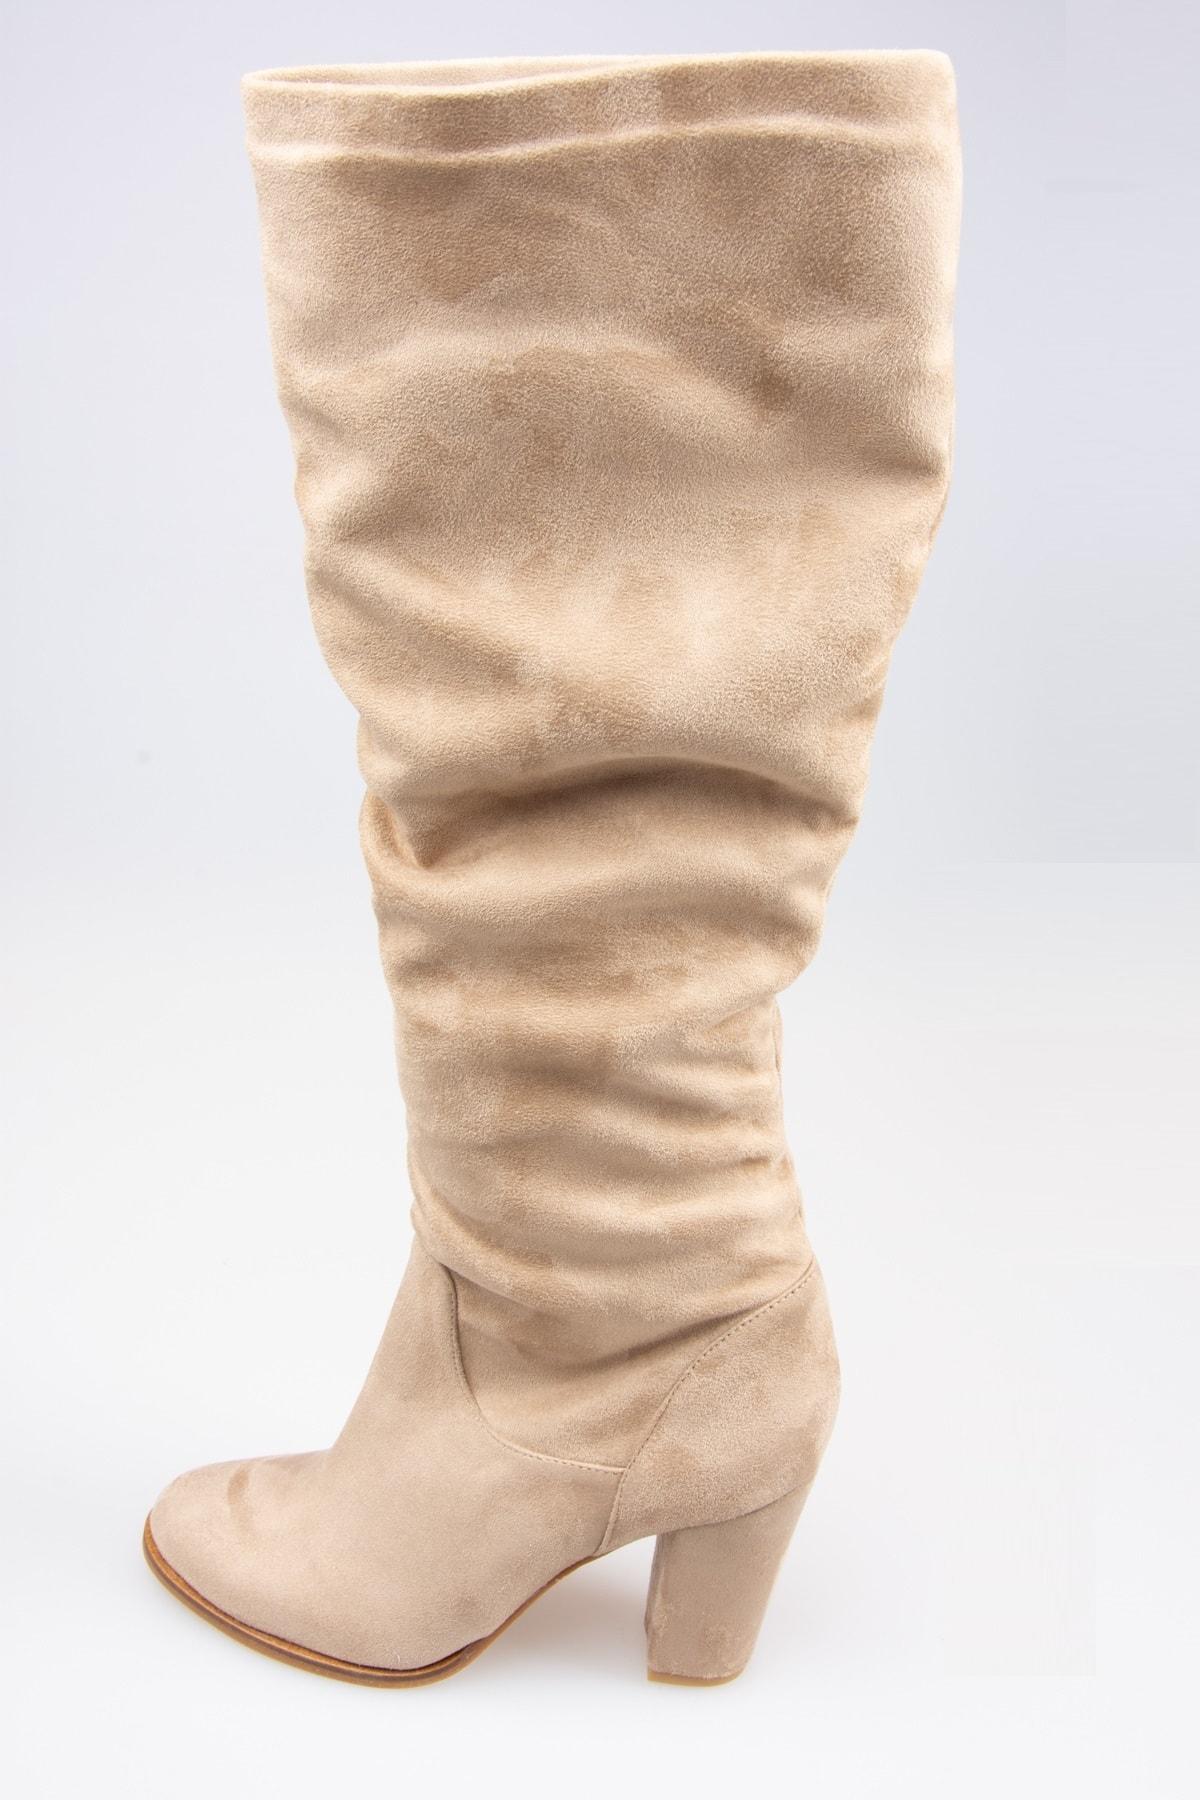 خرید اینترنتی چکمه بلند برند Fox Shoes رنگ بژ کد ty31638933